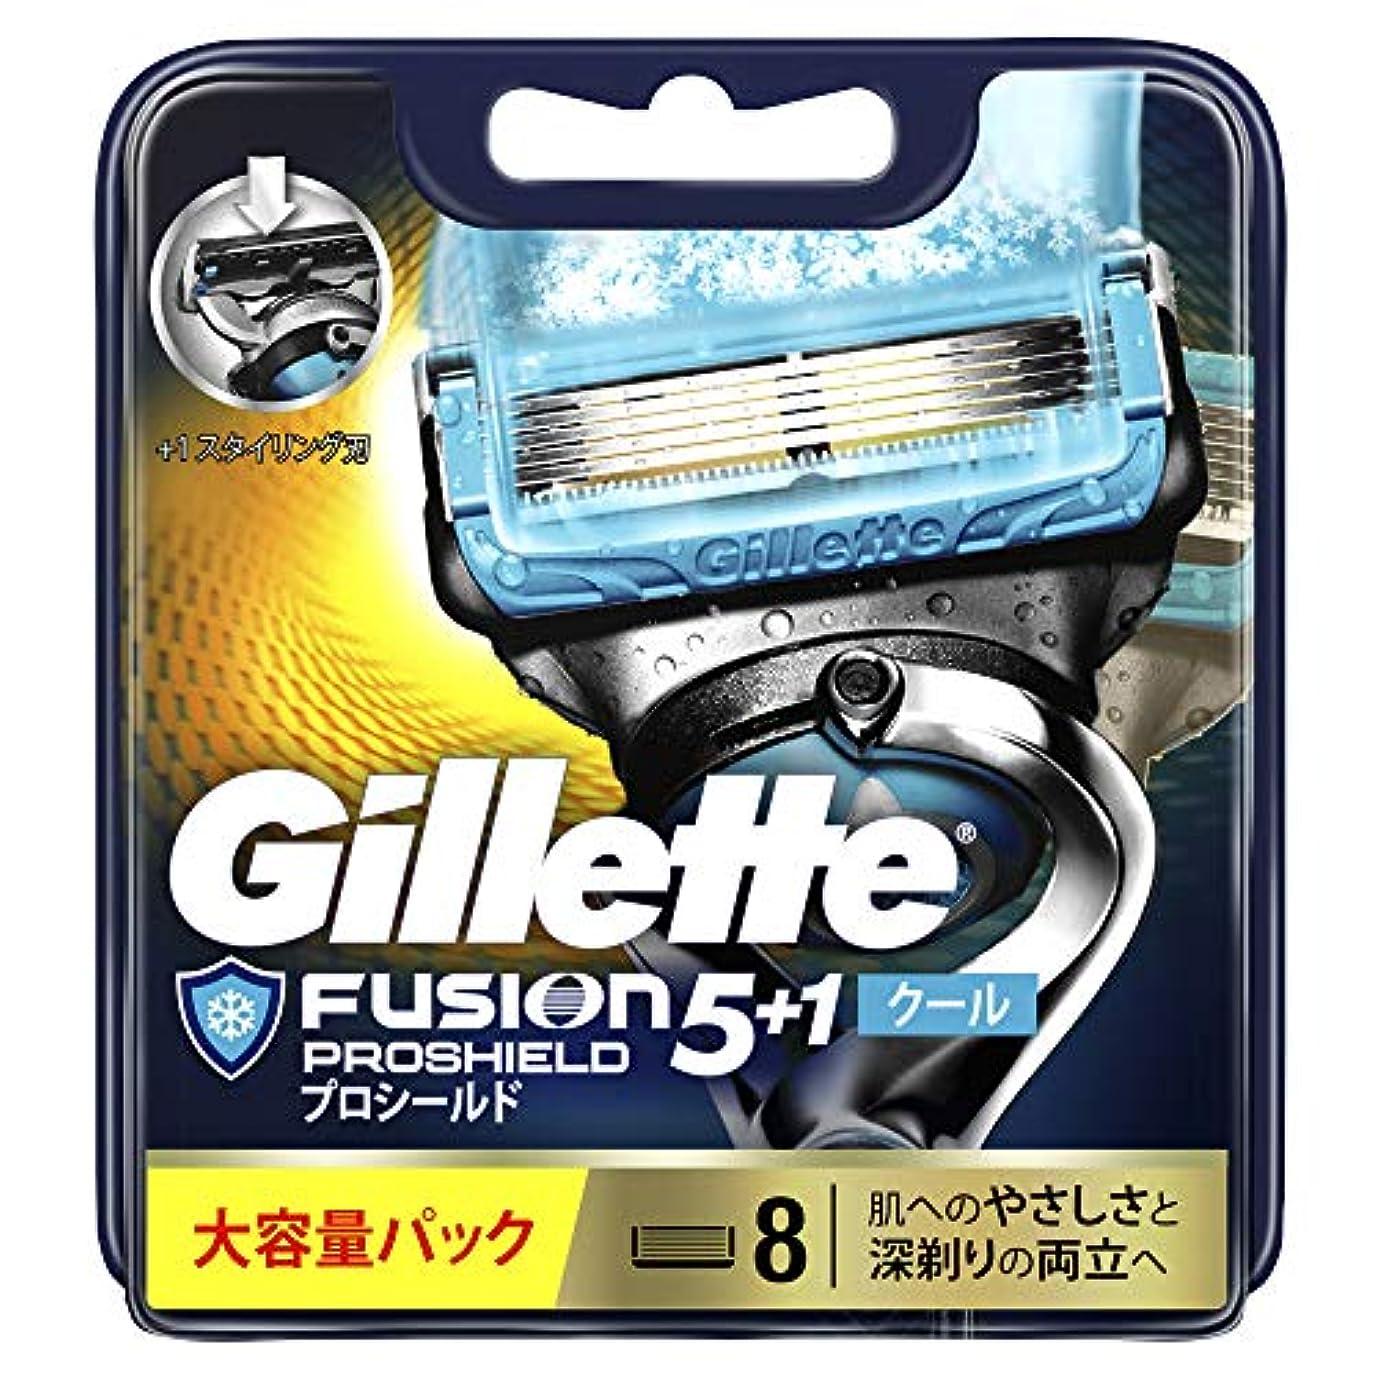 レジレジ子犬ジレット 髭剃り フュージョン5+1 プロシールド クール 替刃 8個入